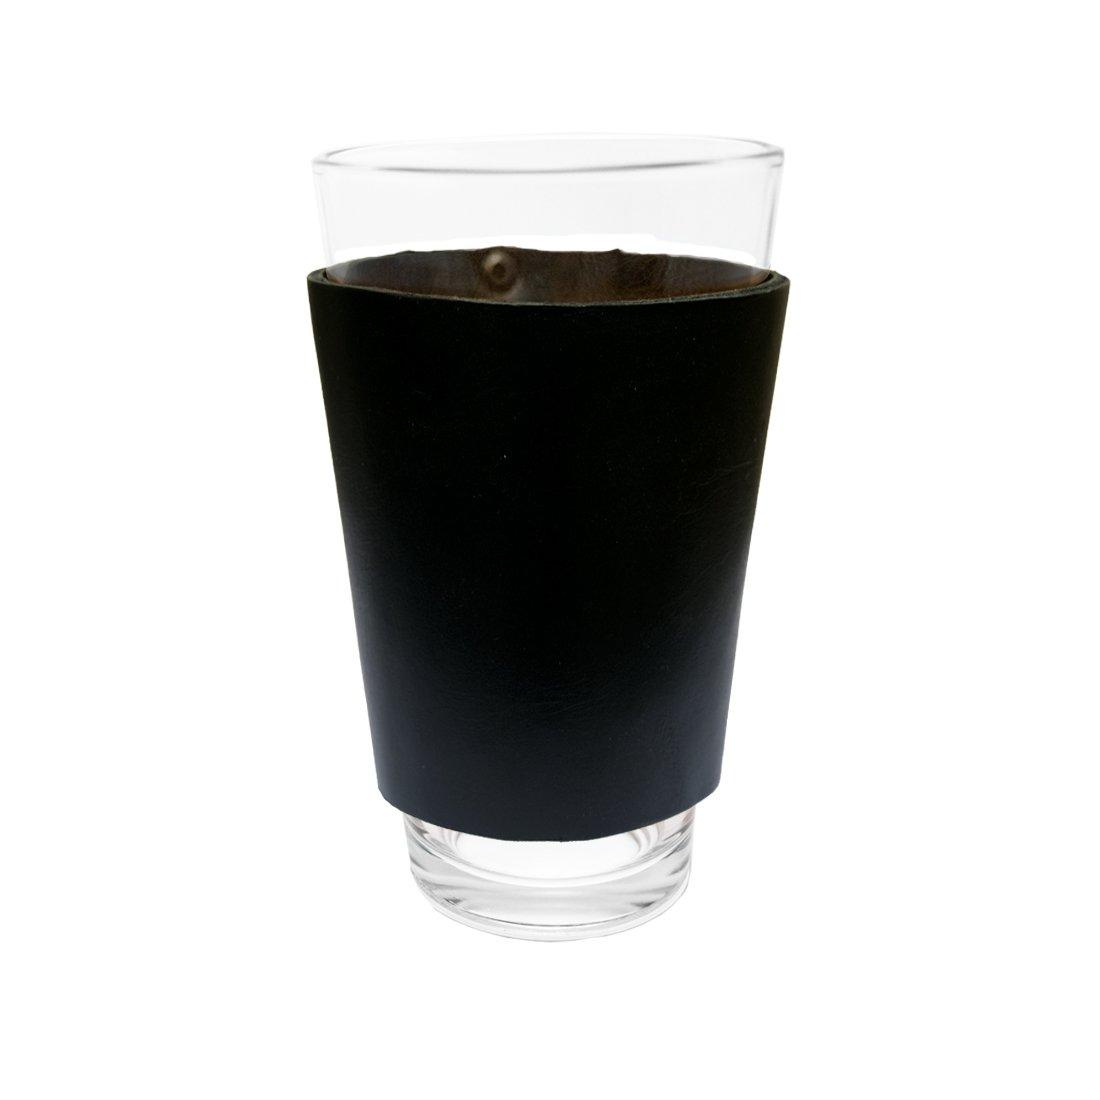 Funda para Pinta de Cerveza de Cuero sin Agarrador Hecho a Mano por Hide & Drink : Negro: Amazon.es: Hogar